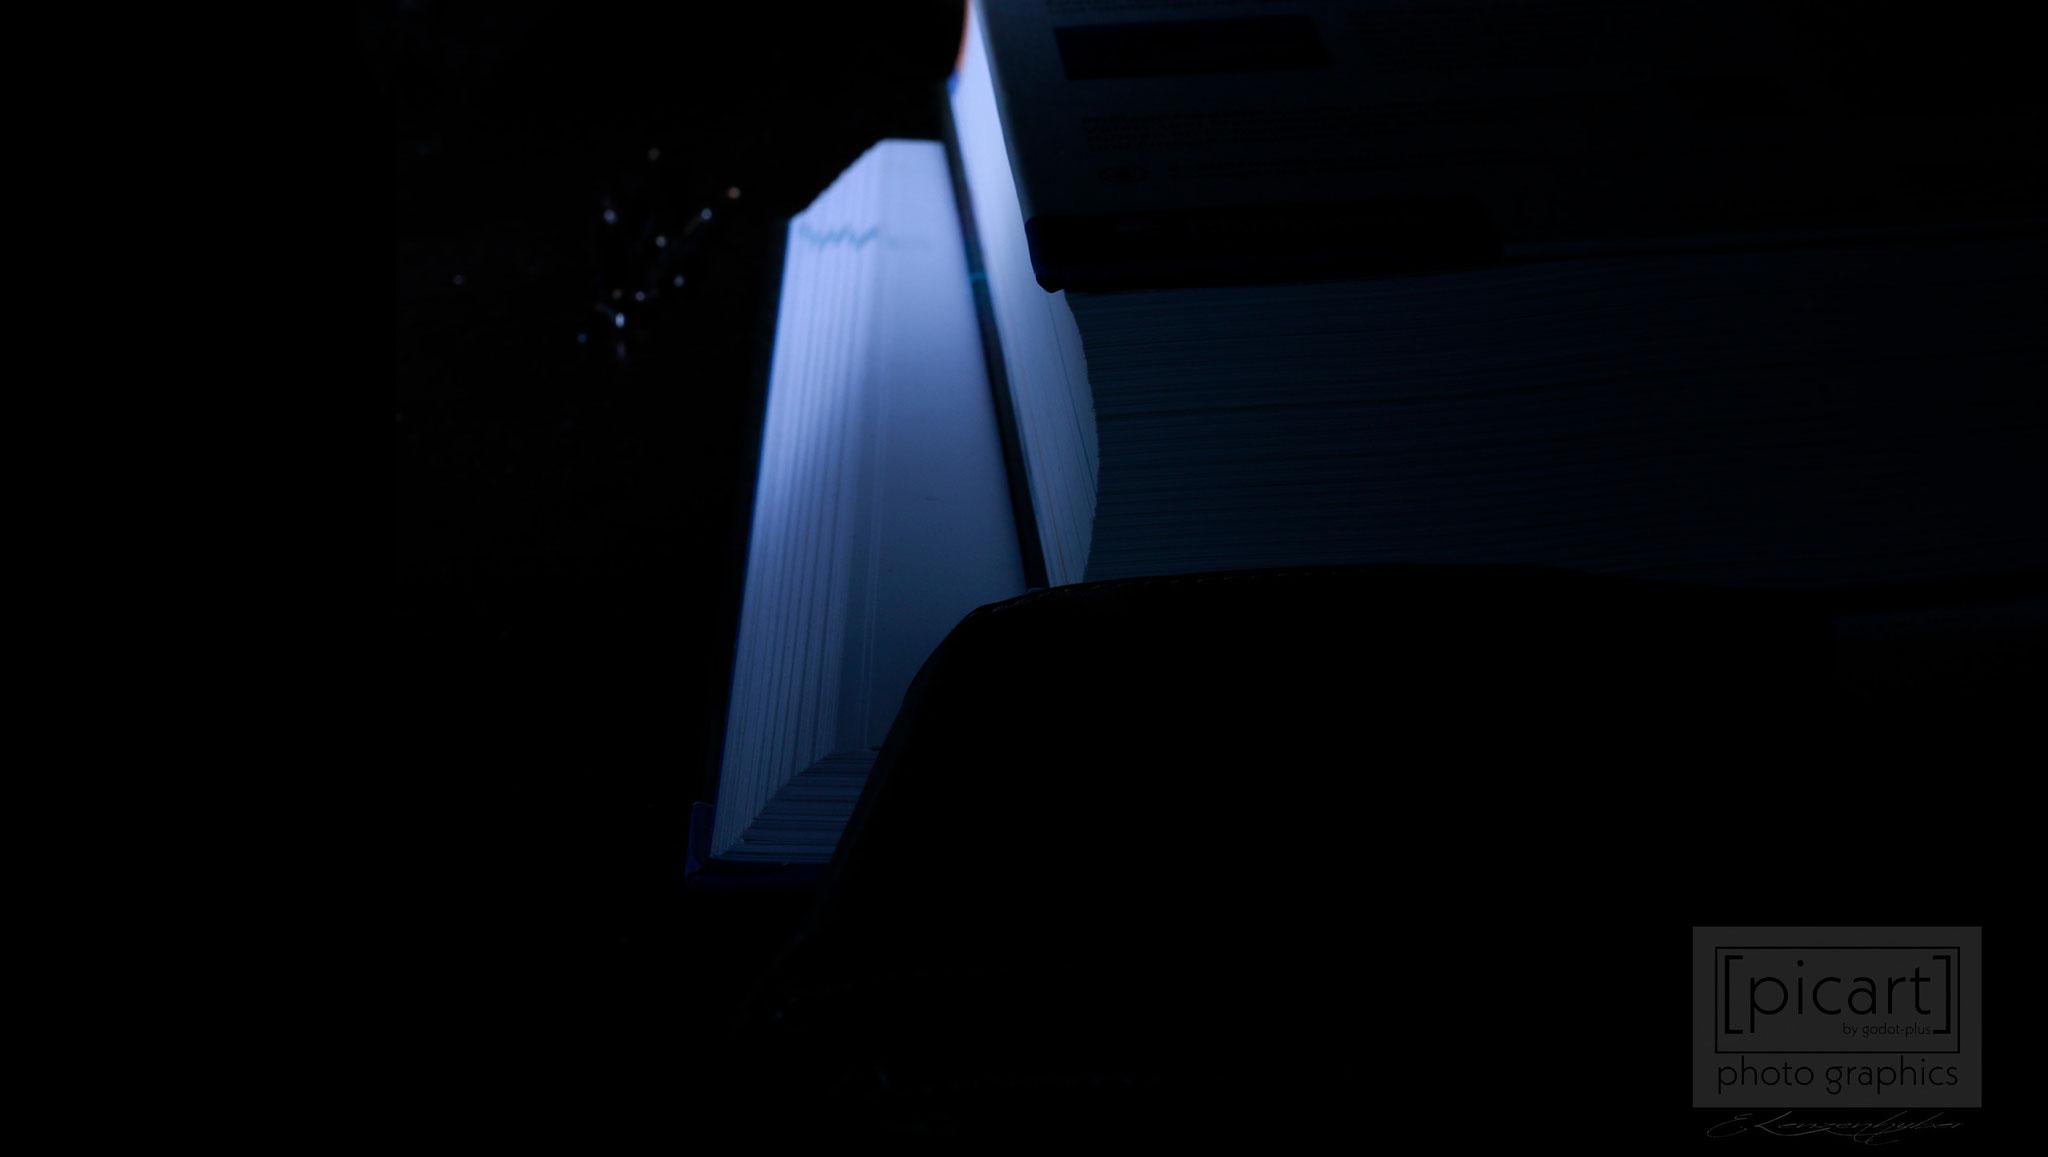 Bestellnummer: LK005  |  Experimentelle Low Key-Fotografie – leuchtende Bücher © [:picart]by godot-plus, Eva Lenzenhuber